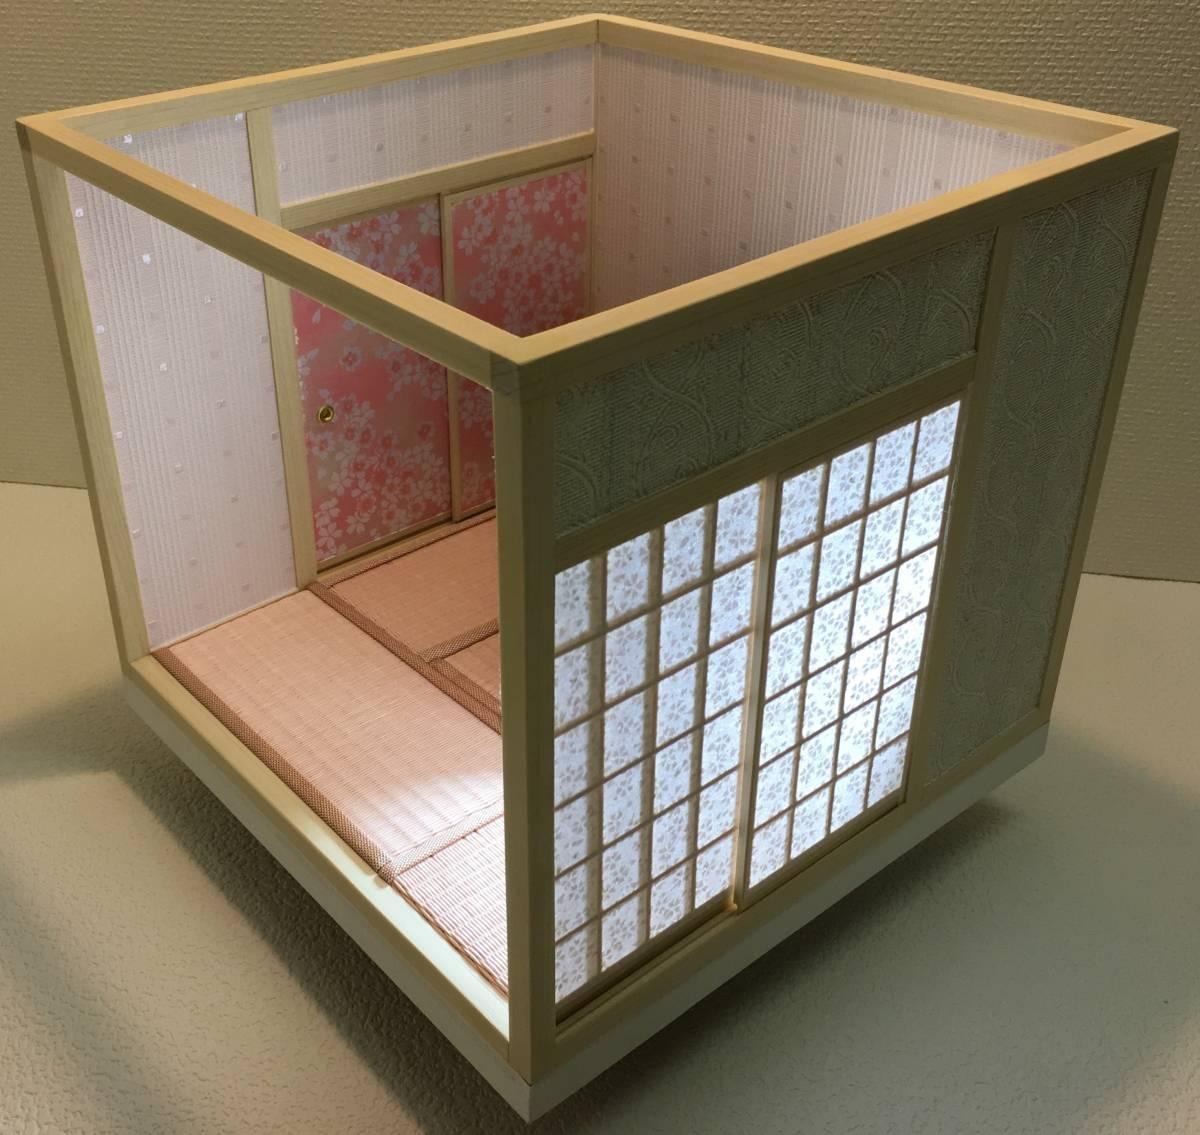 ドールハウス 和室 和風 畳部屋 1/12 サイズ ピンク ポップ桜の間。プチブライス ピコニーモ あまむす オビツ11のミニチュア人形装飾撮影等_画像3